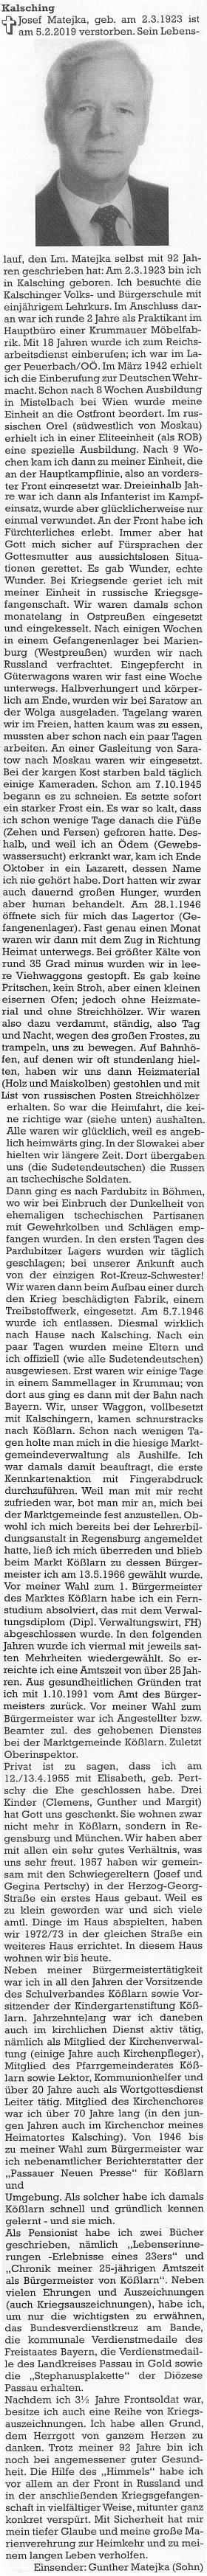 Na místo nekrologu se na stránkách krajanského časopisu objevil jeho vlastní životopis, psaný v 92 letech věku